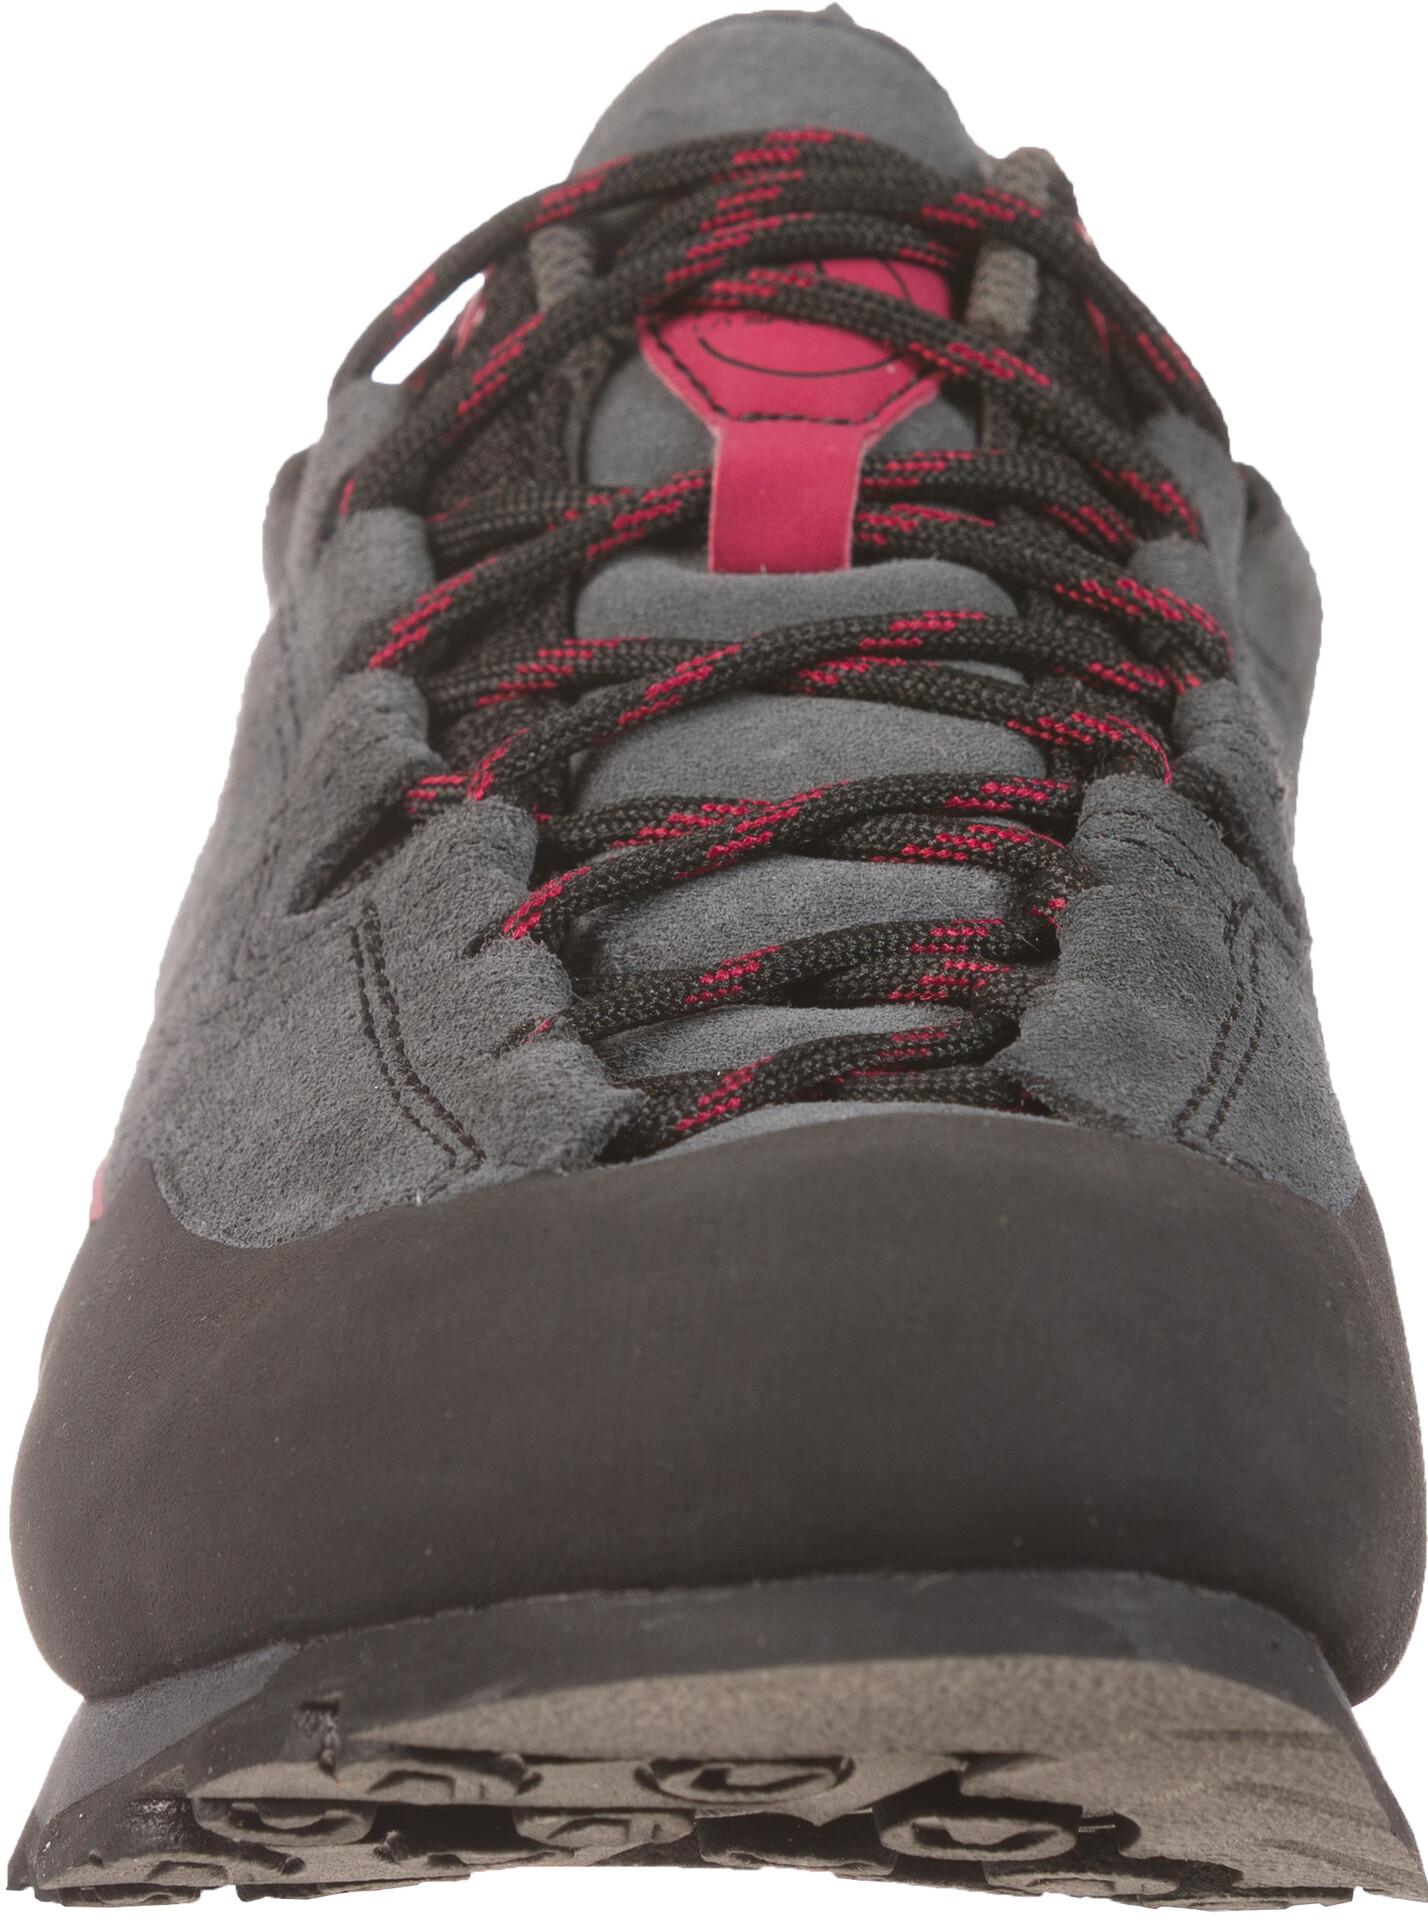 Boulder Sportiva X Shoes Damen La Carbonbeet PkXNO8n0Zw